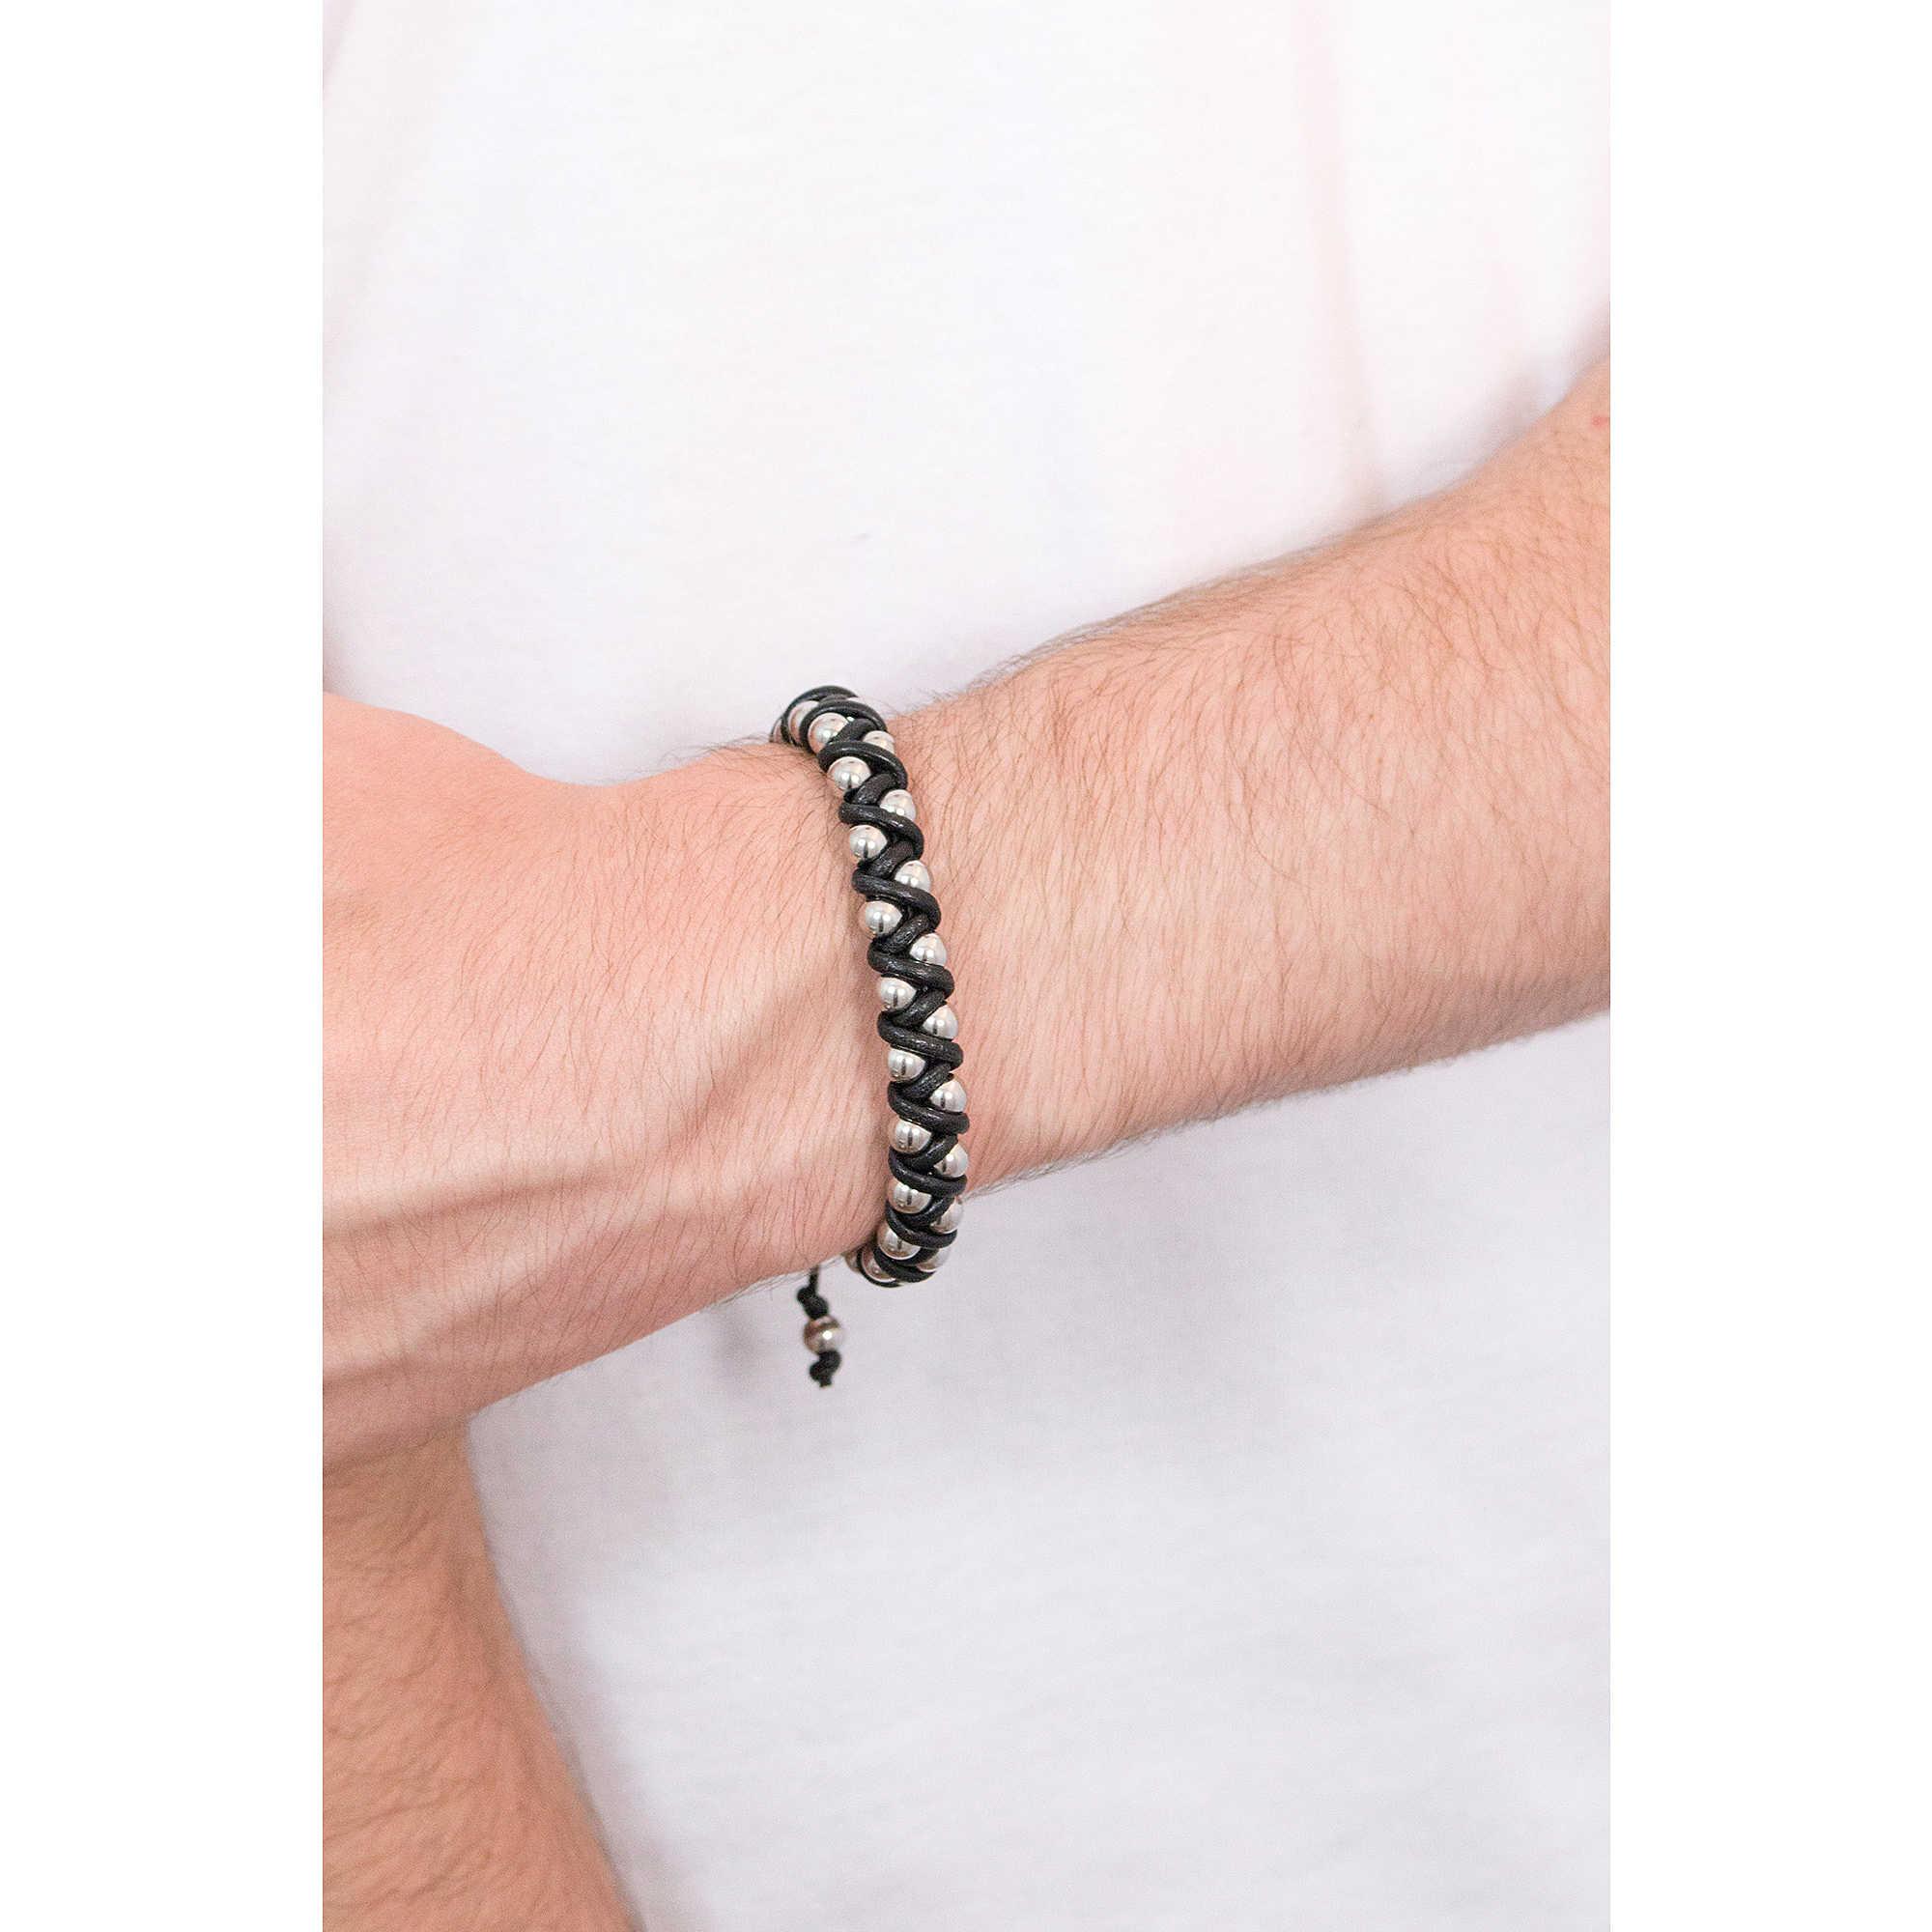 zoom. package bracelets Diesel DX1109040. zoom. bracelet man jewellery  Diesel Stackables DX1109040. zoom ff4fc48c2cf5